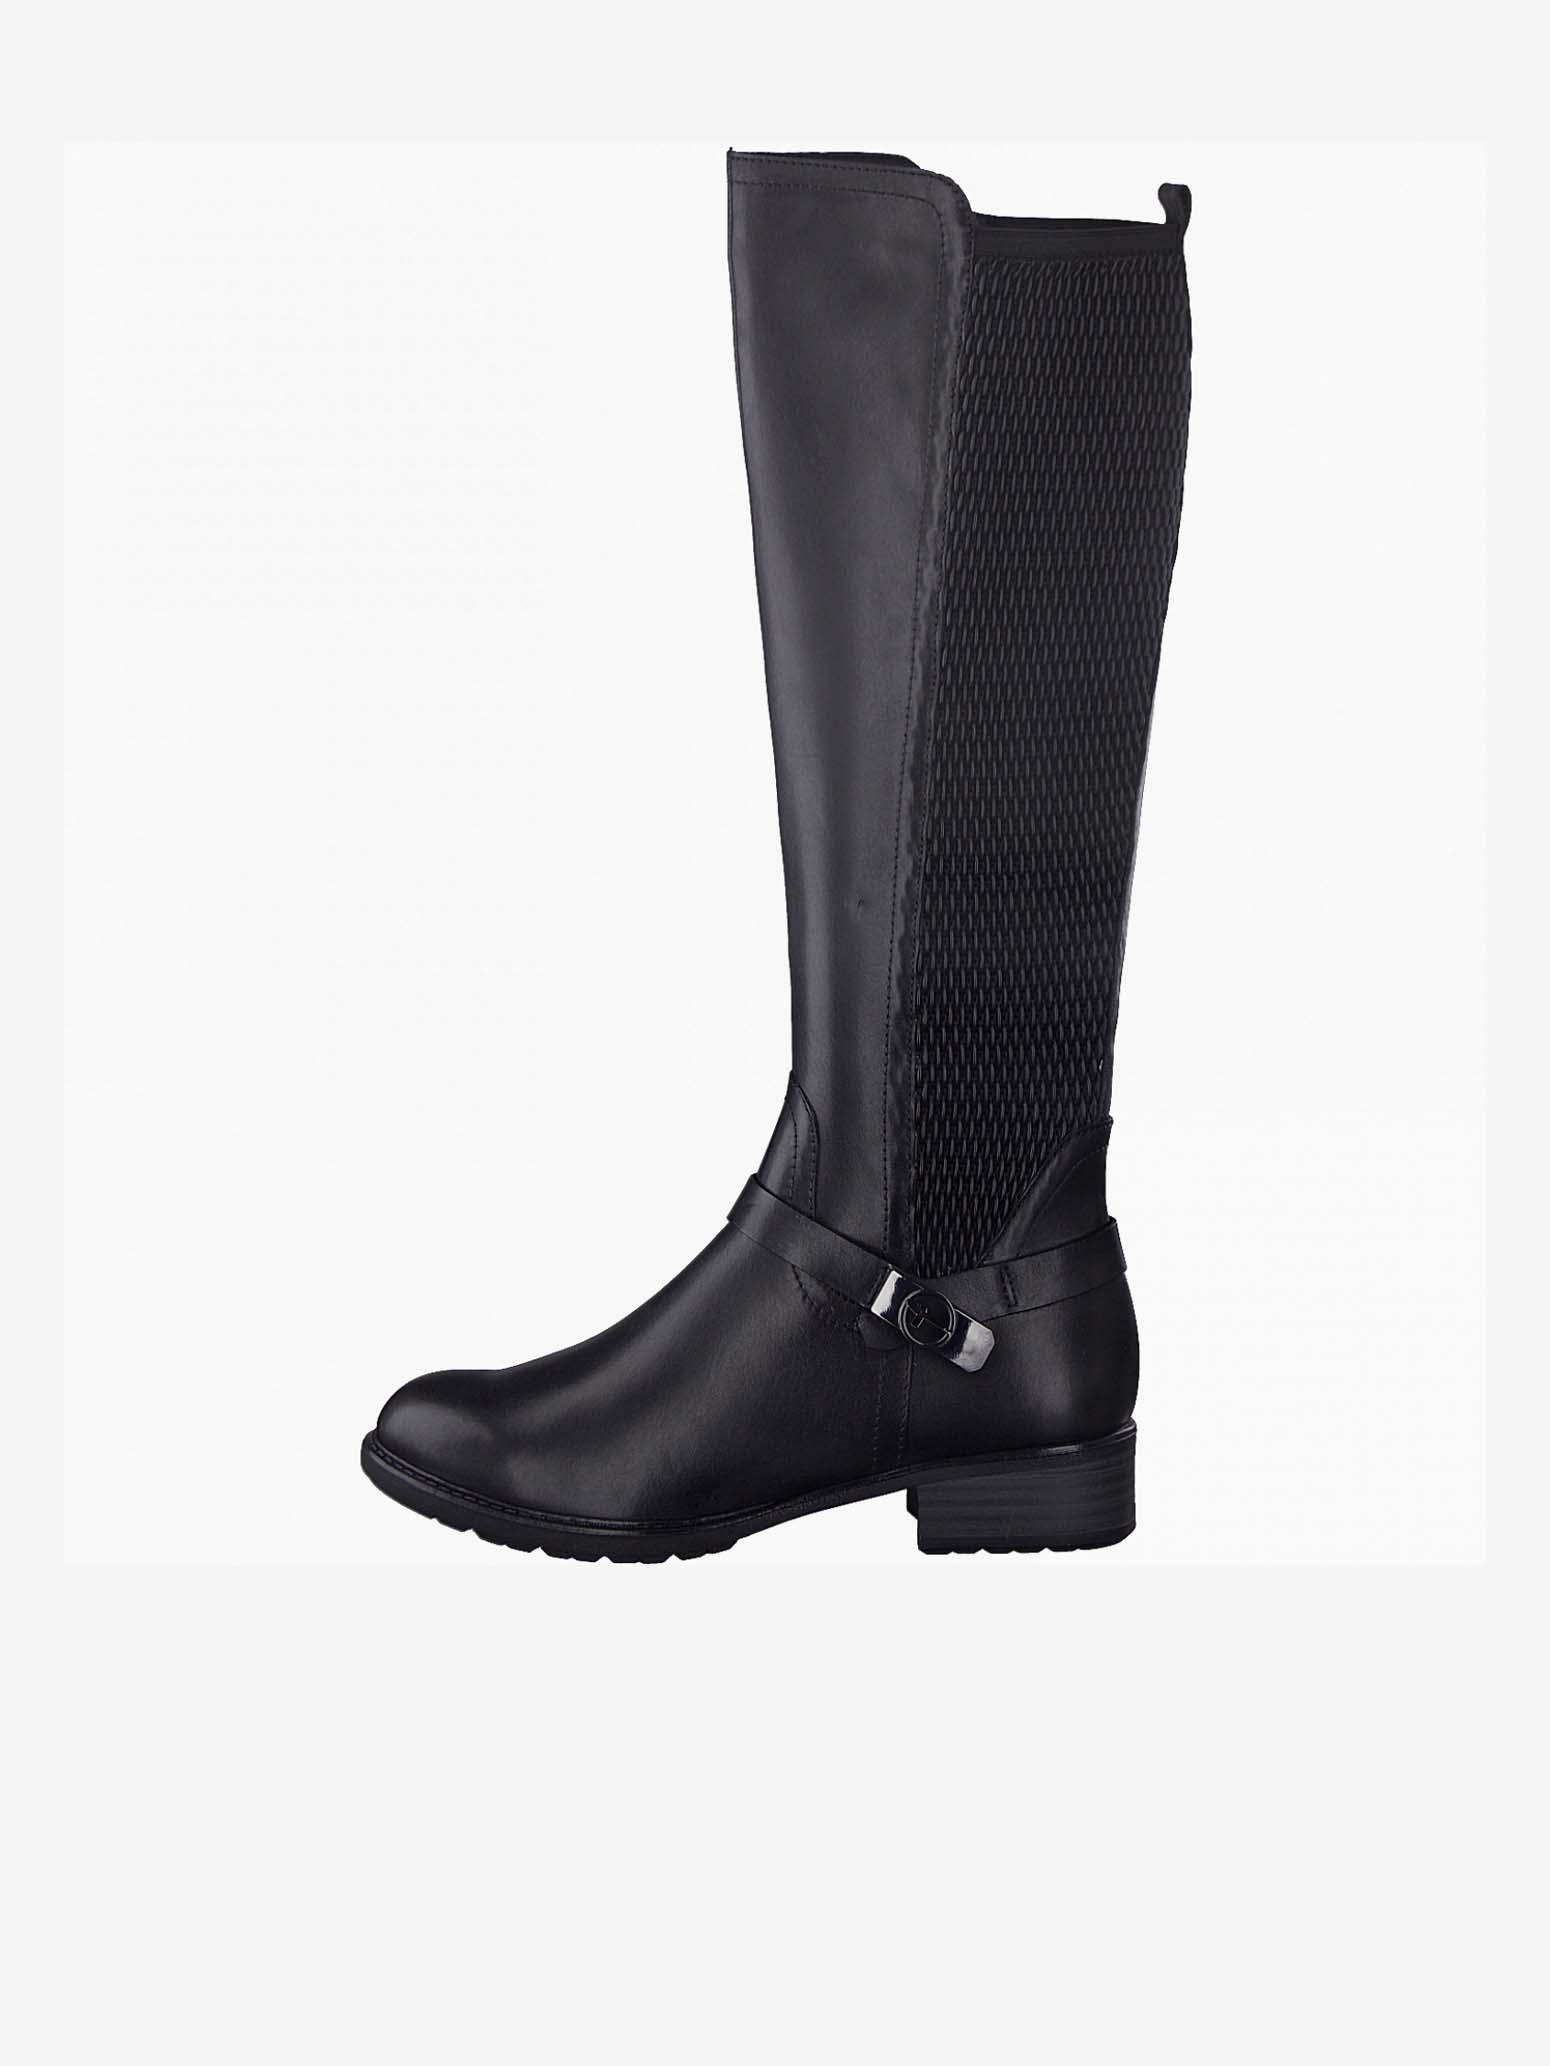 Čierne dámske vysoké kožené čižmy Tamaris - 38